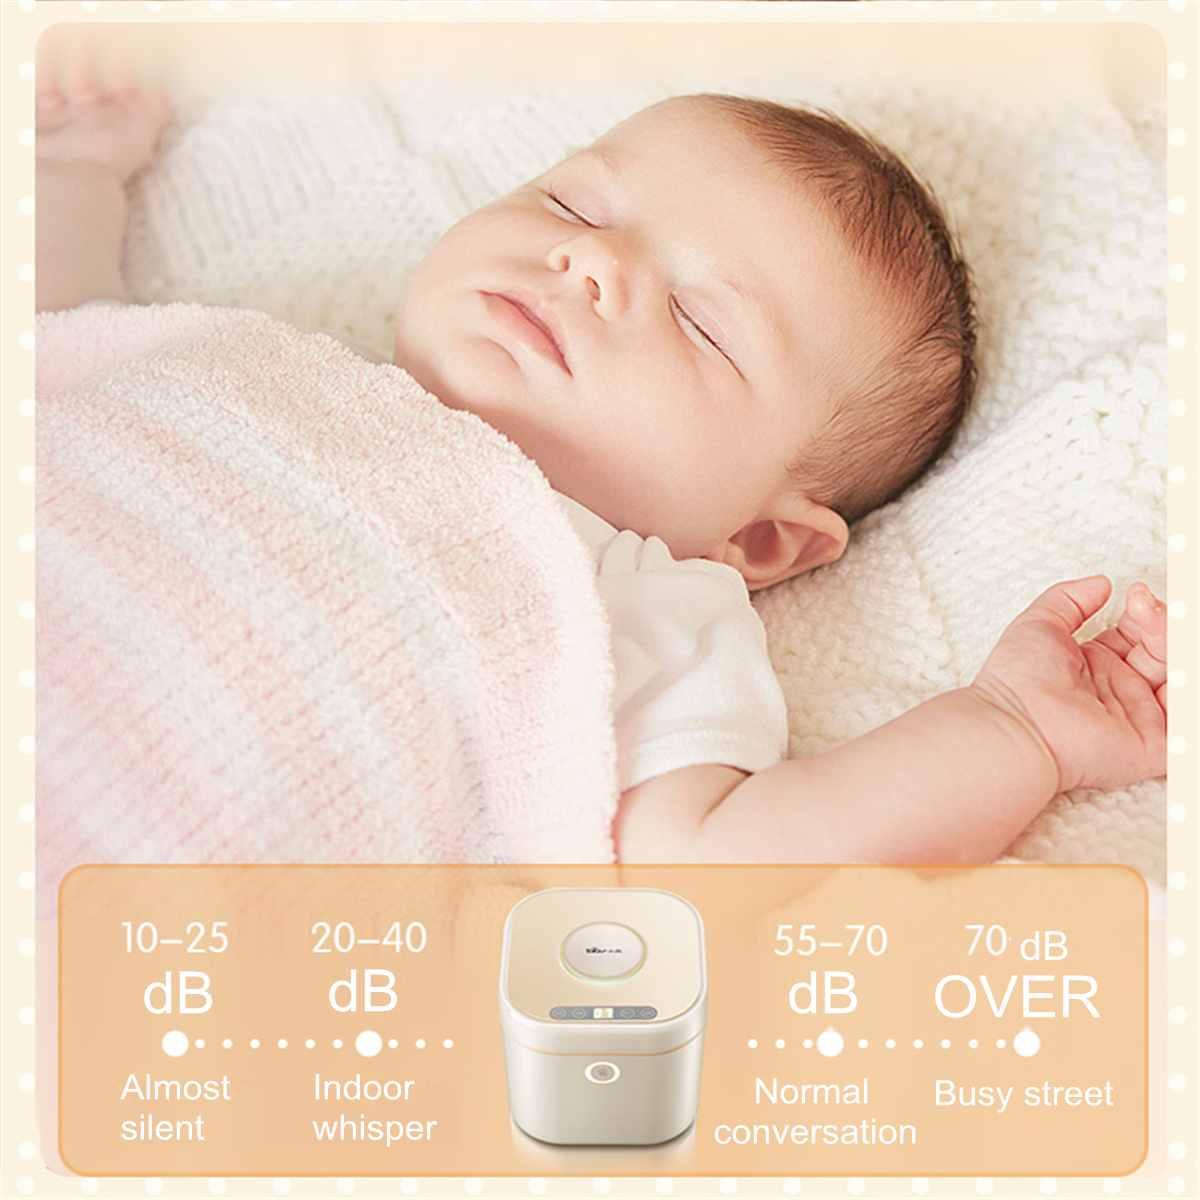 10L электрическое питание новорожденного бутылки из-под молока, сушилка; стерилизатор сушилка Очиститель Многофункциональный универсальная Бутылка стерилизатор